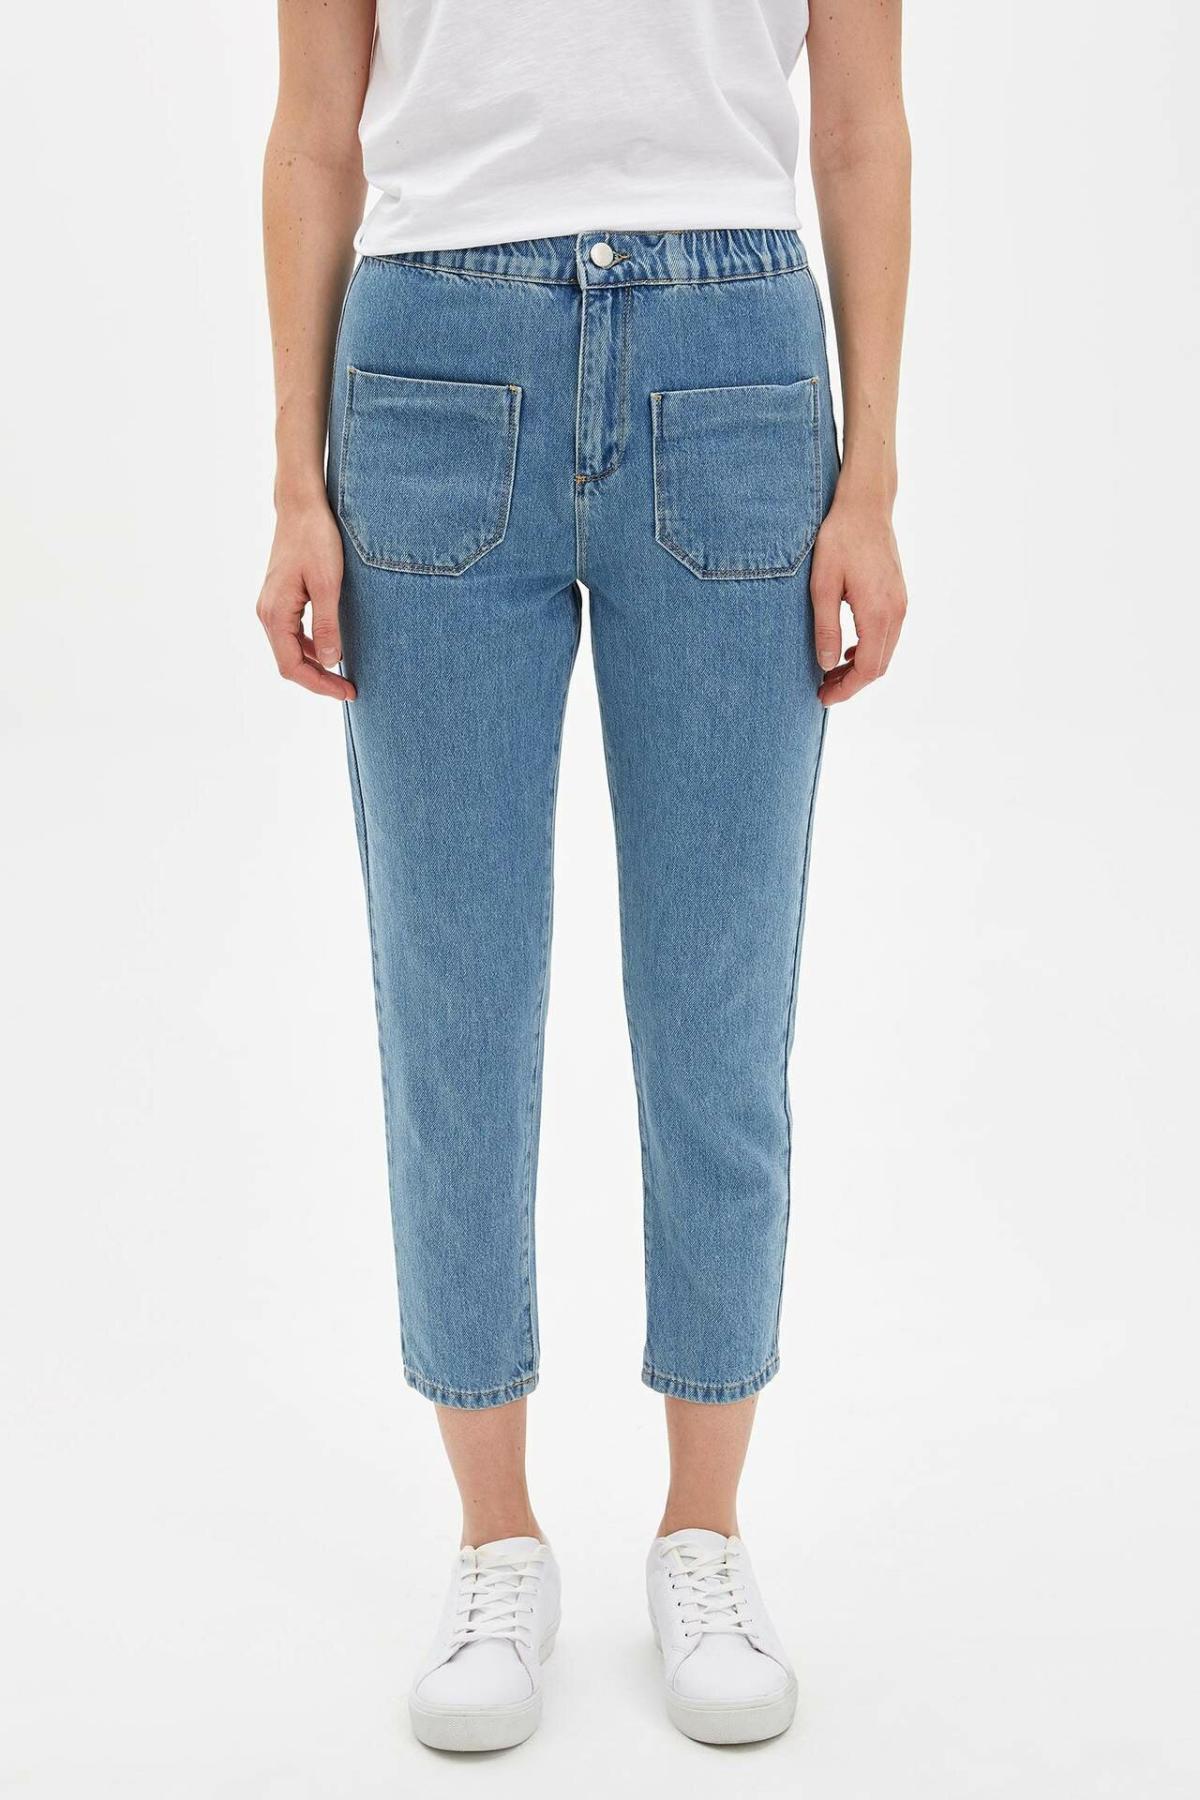 DeFacto Fashion Woman Denim Trousers Casual Solid Striaght Crop Pants Female Mid Waist Leisure Comfort Pant - L7754AZ19AU